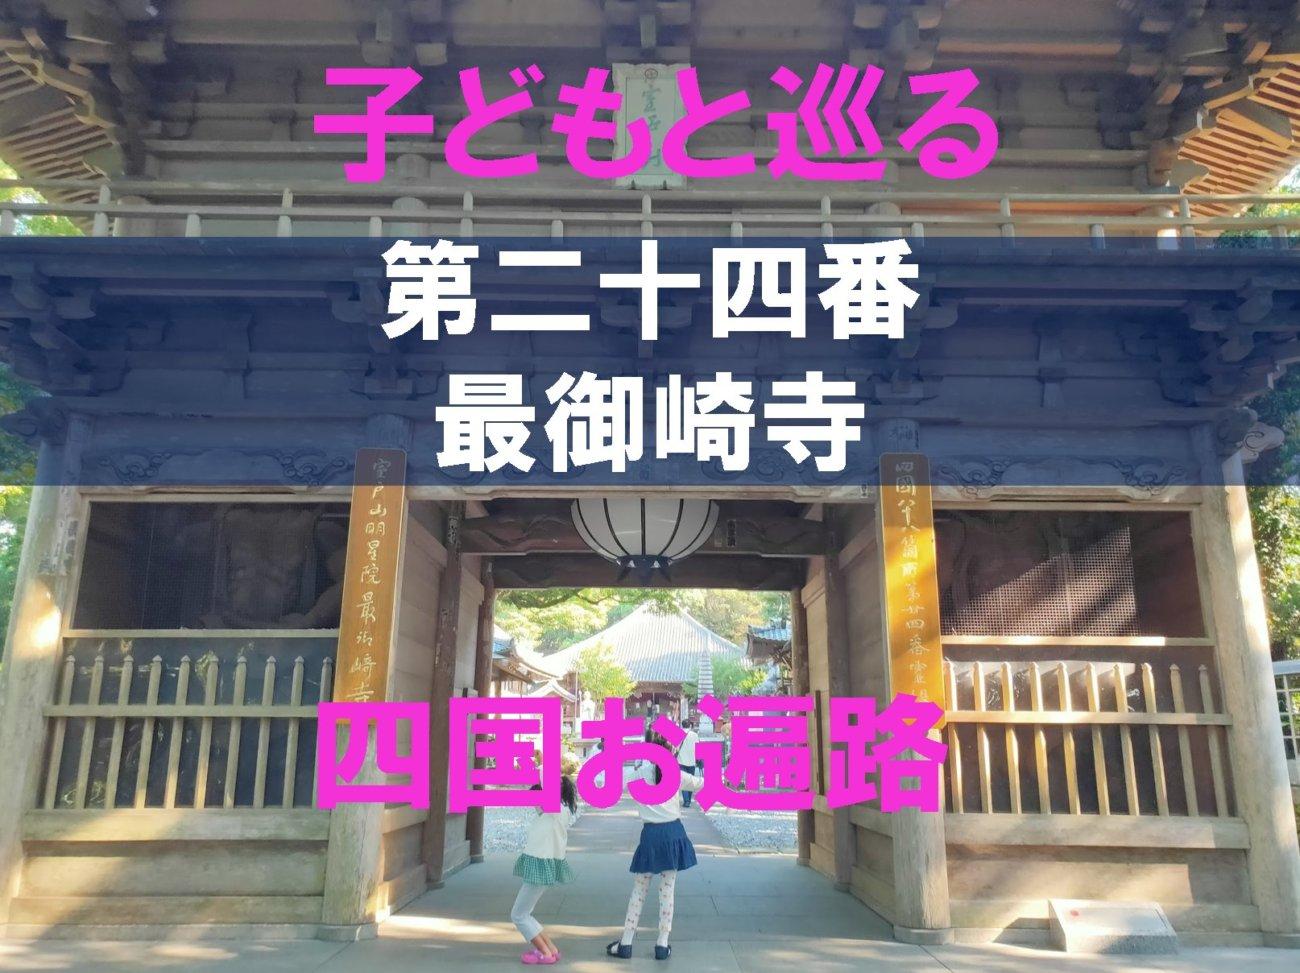 24番最御崎寺のアイキャッチ画像